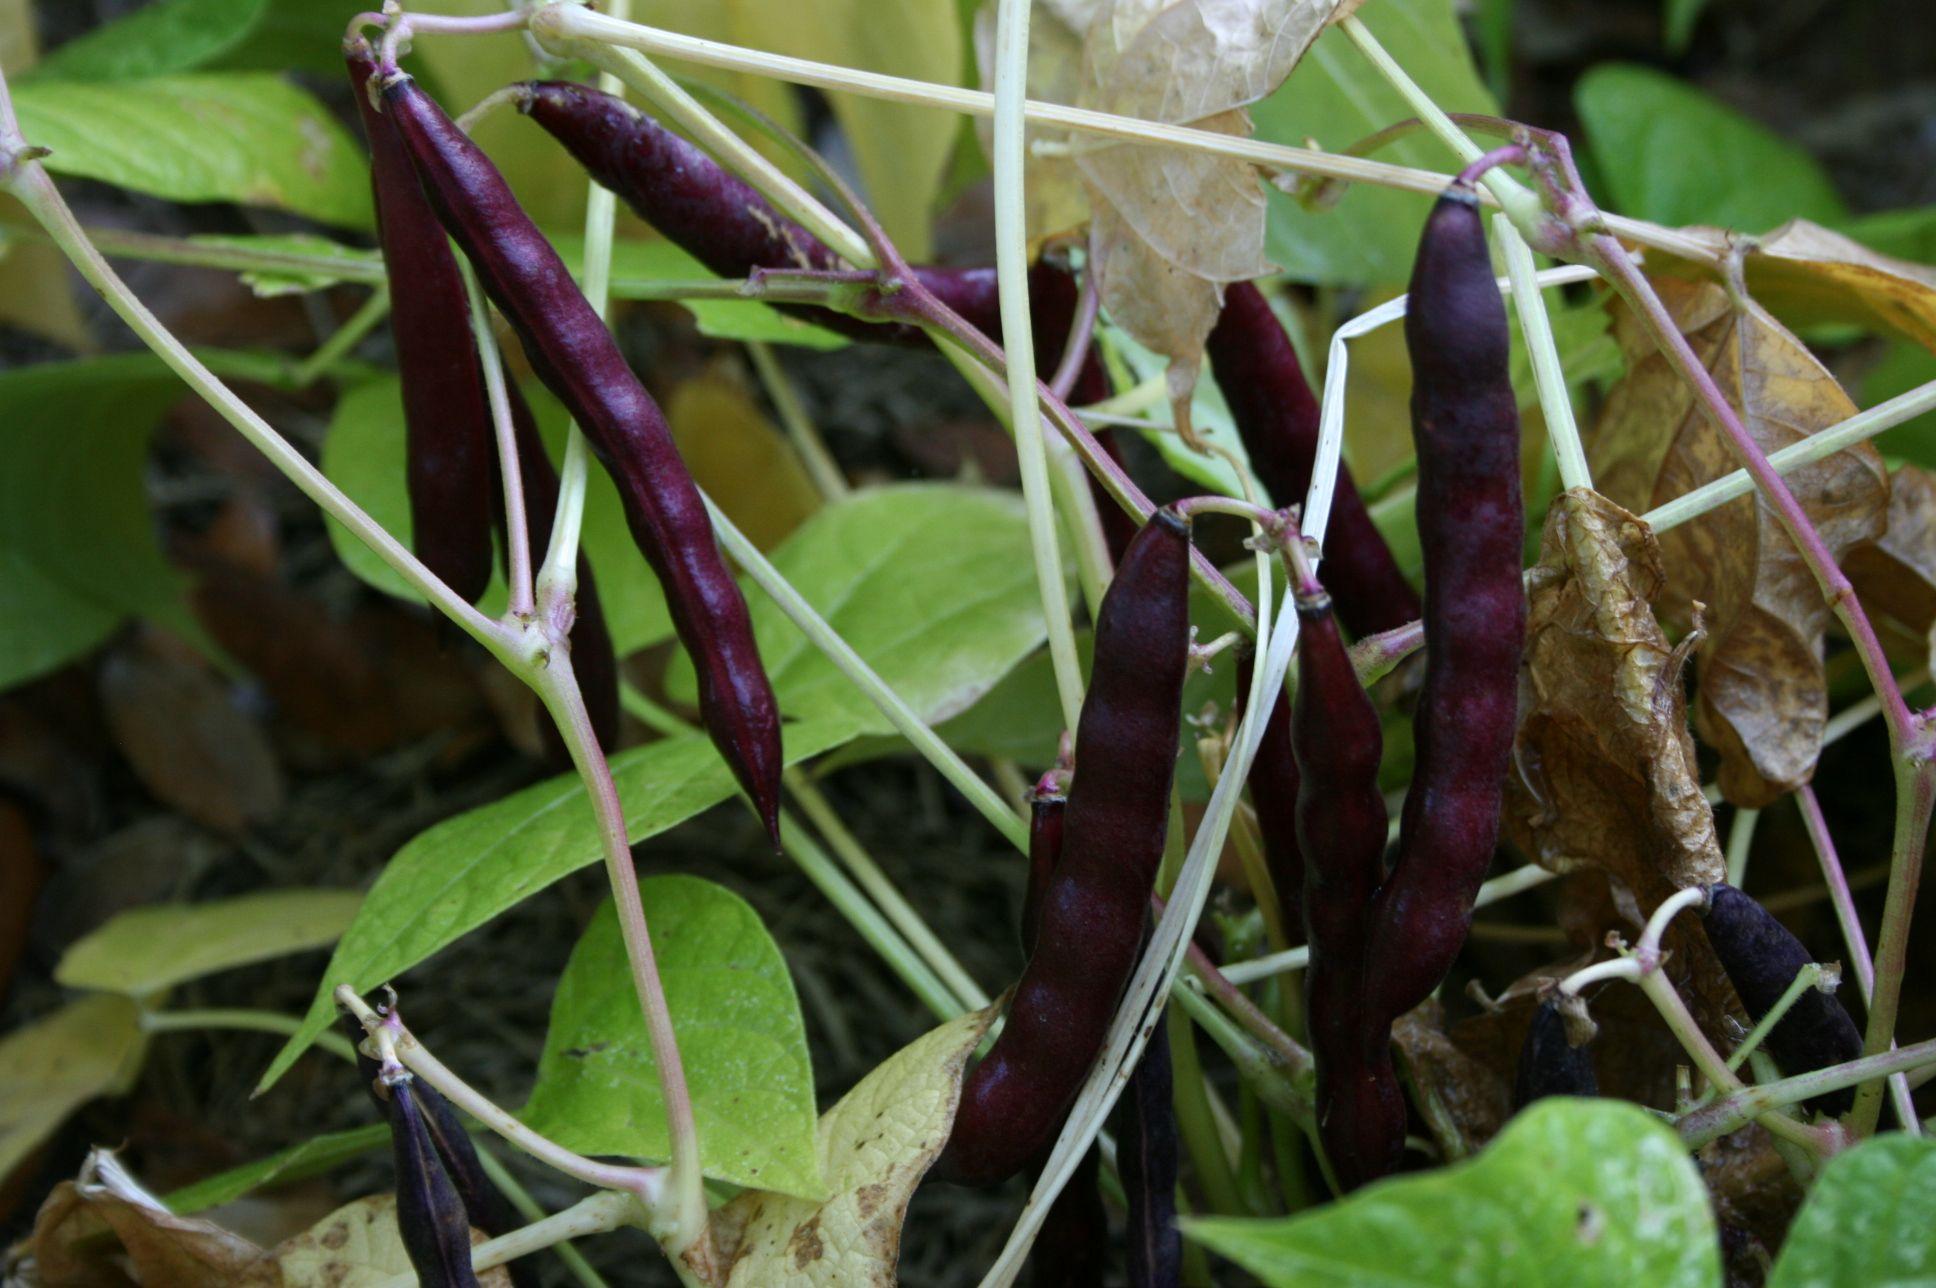 Black Beans Plant Vegetable Garden For Beginners Garden Harvest